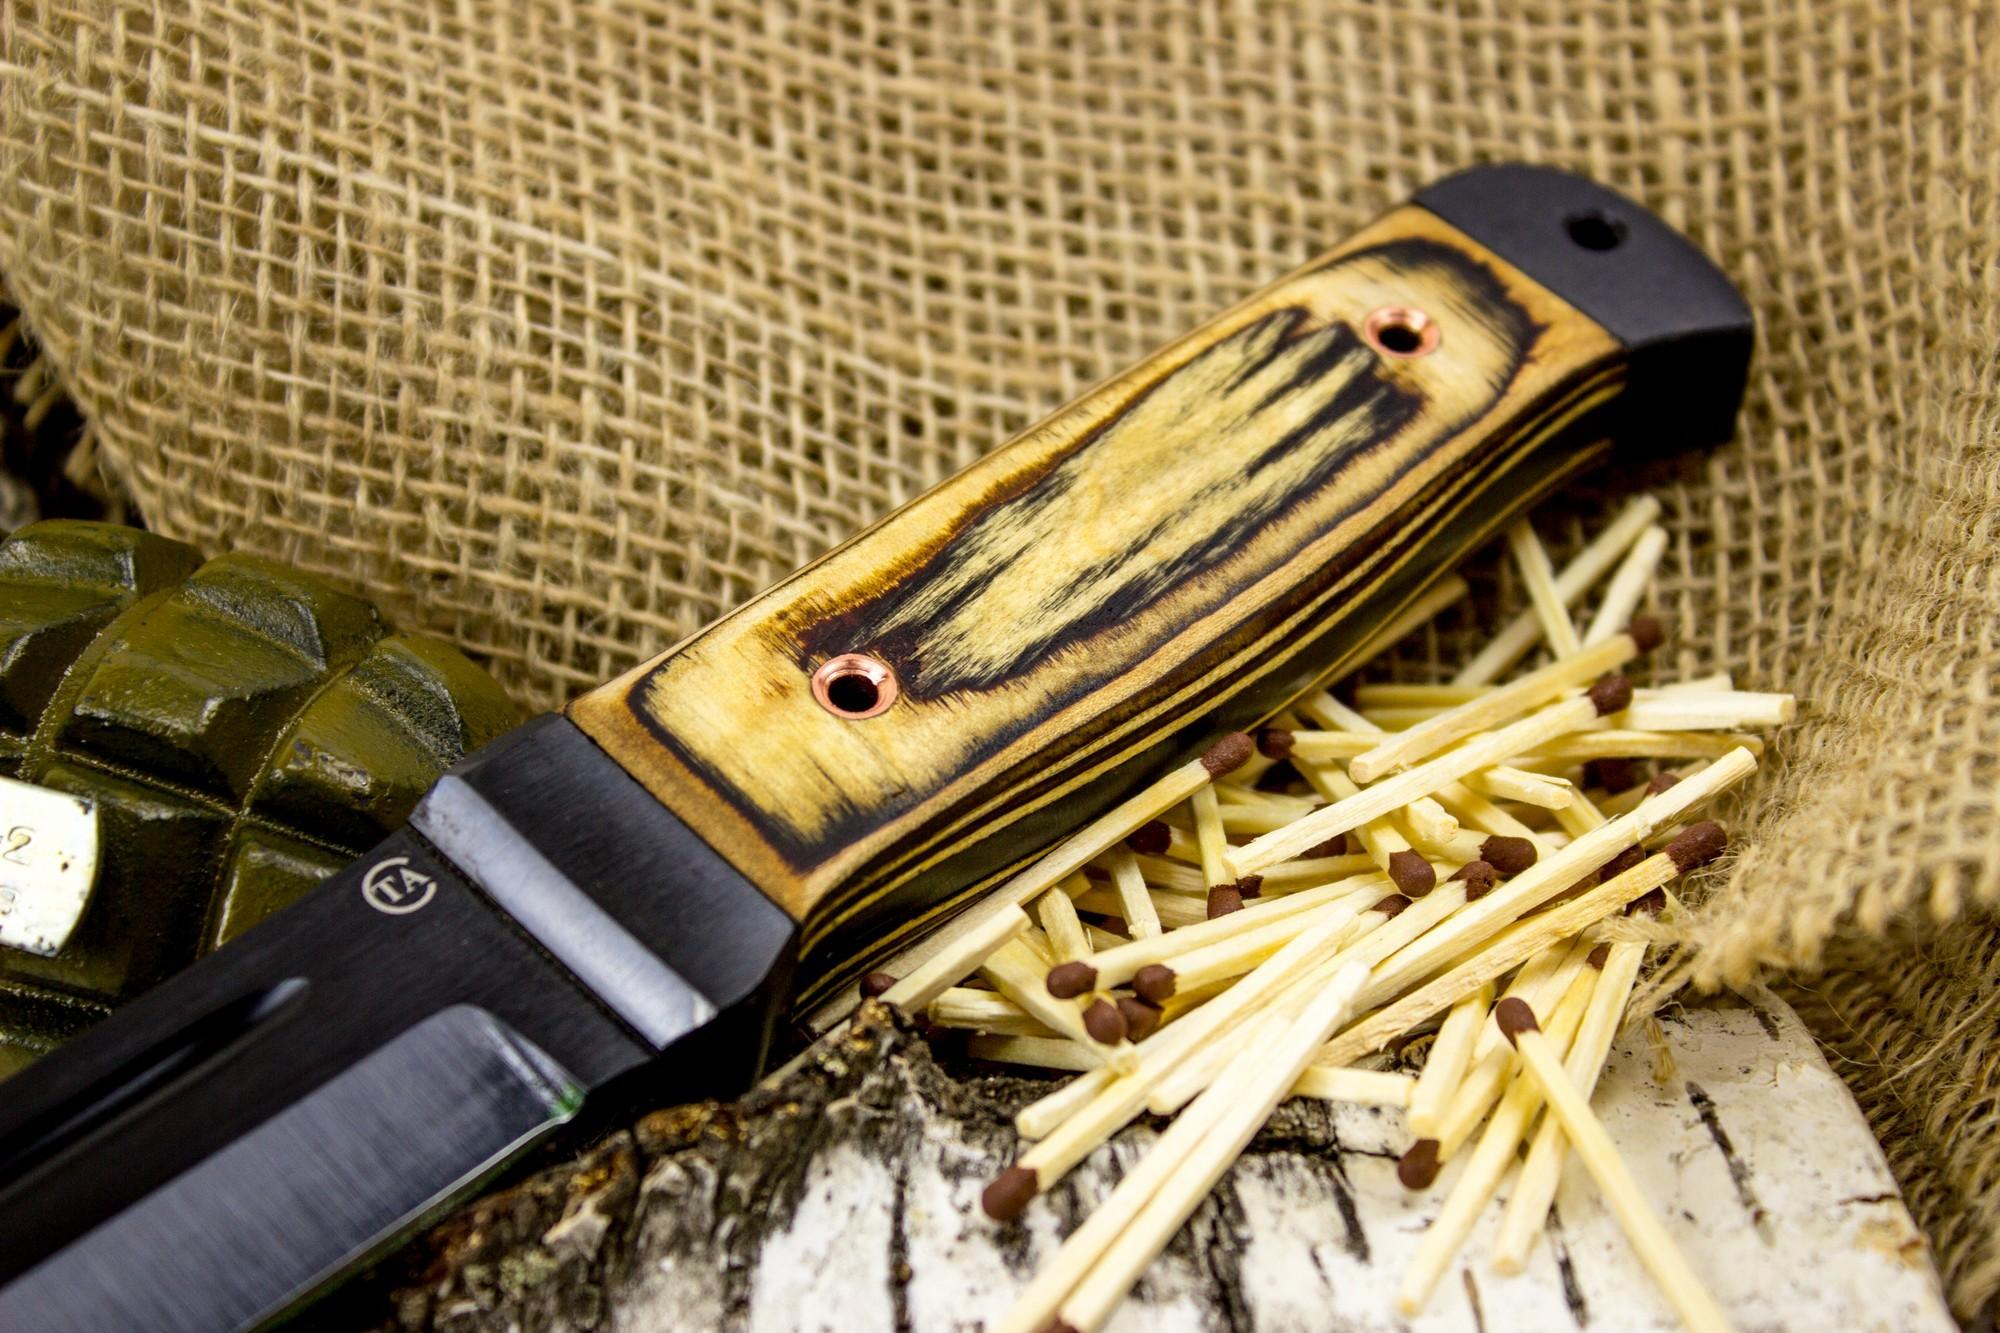 Фото 8 - Нож Горец-2, сталь 65Г, бакелитовая фанера от Титов и Солдатова